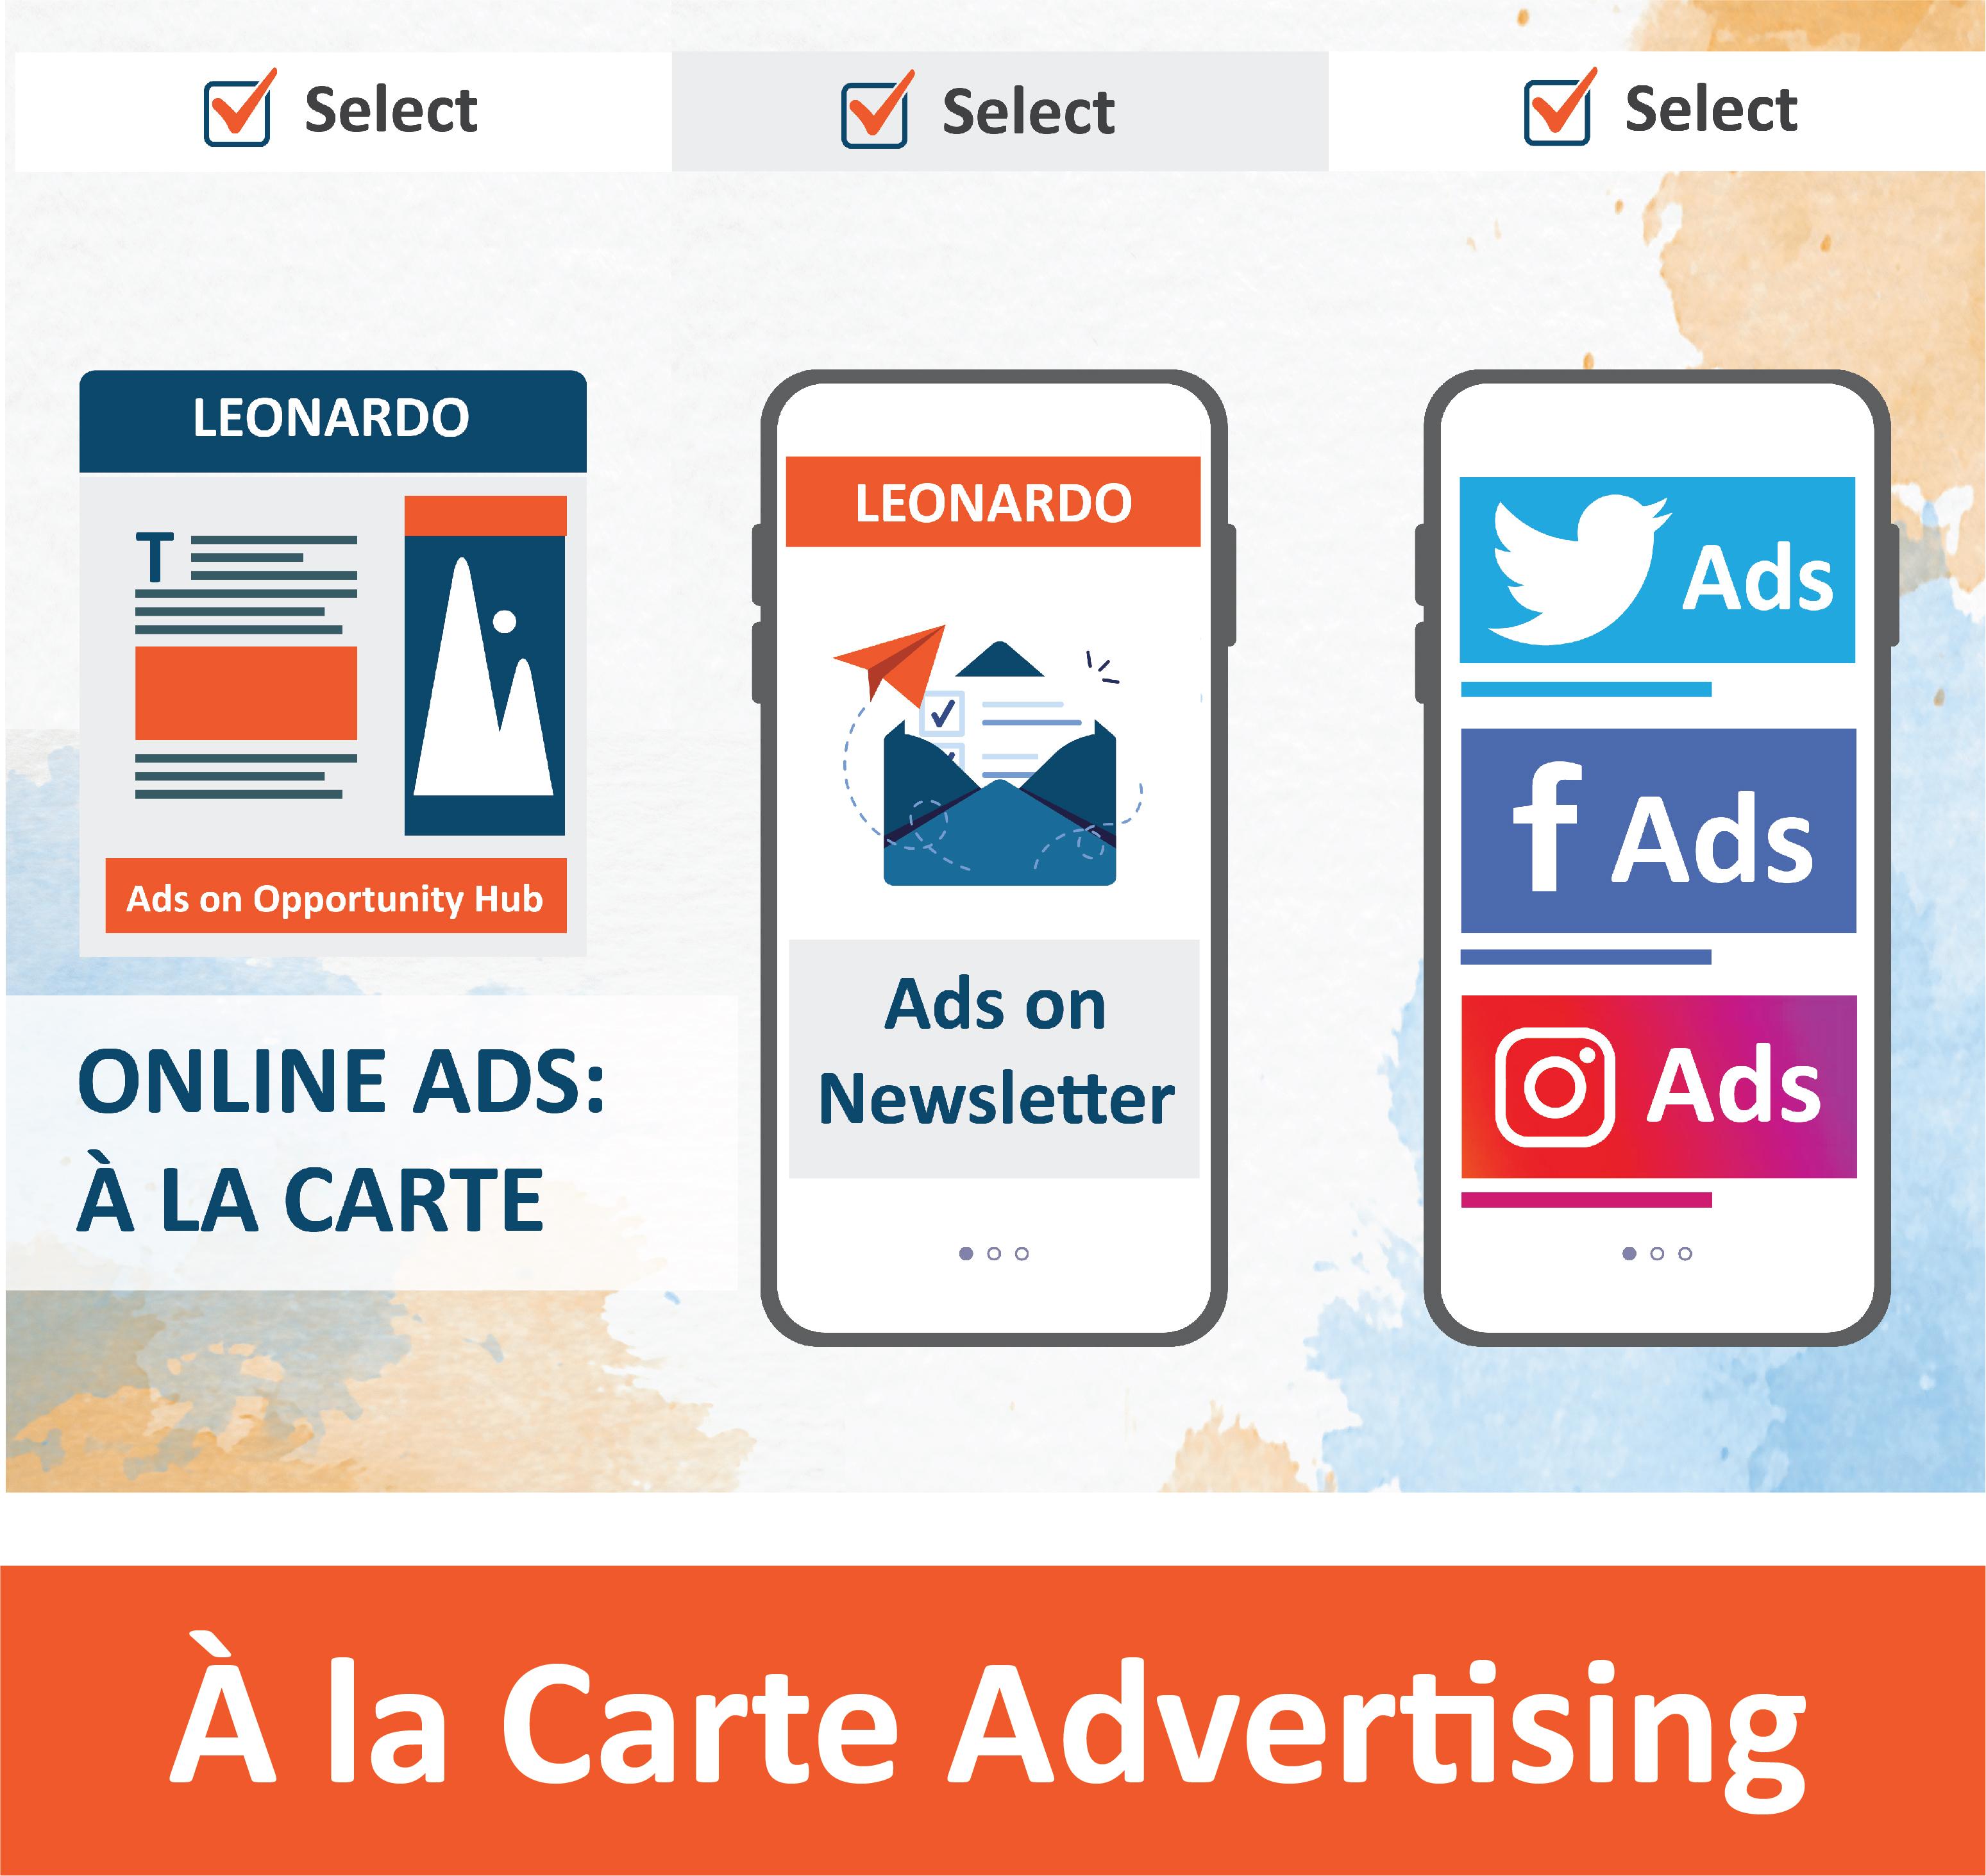 À la Carte Advertising